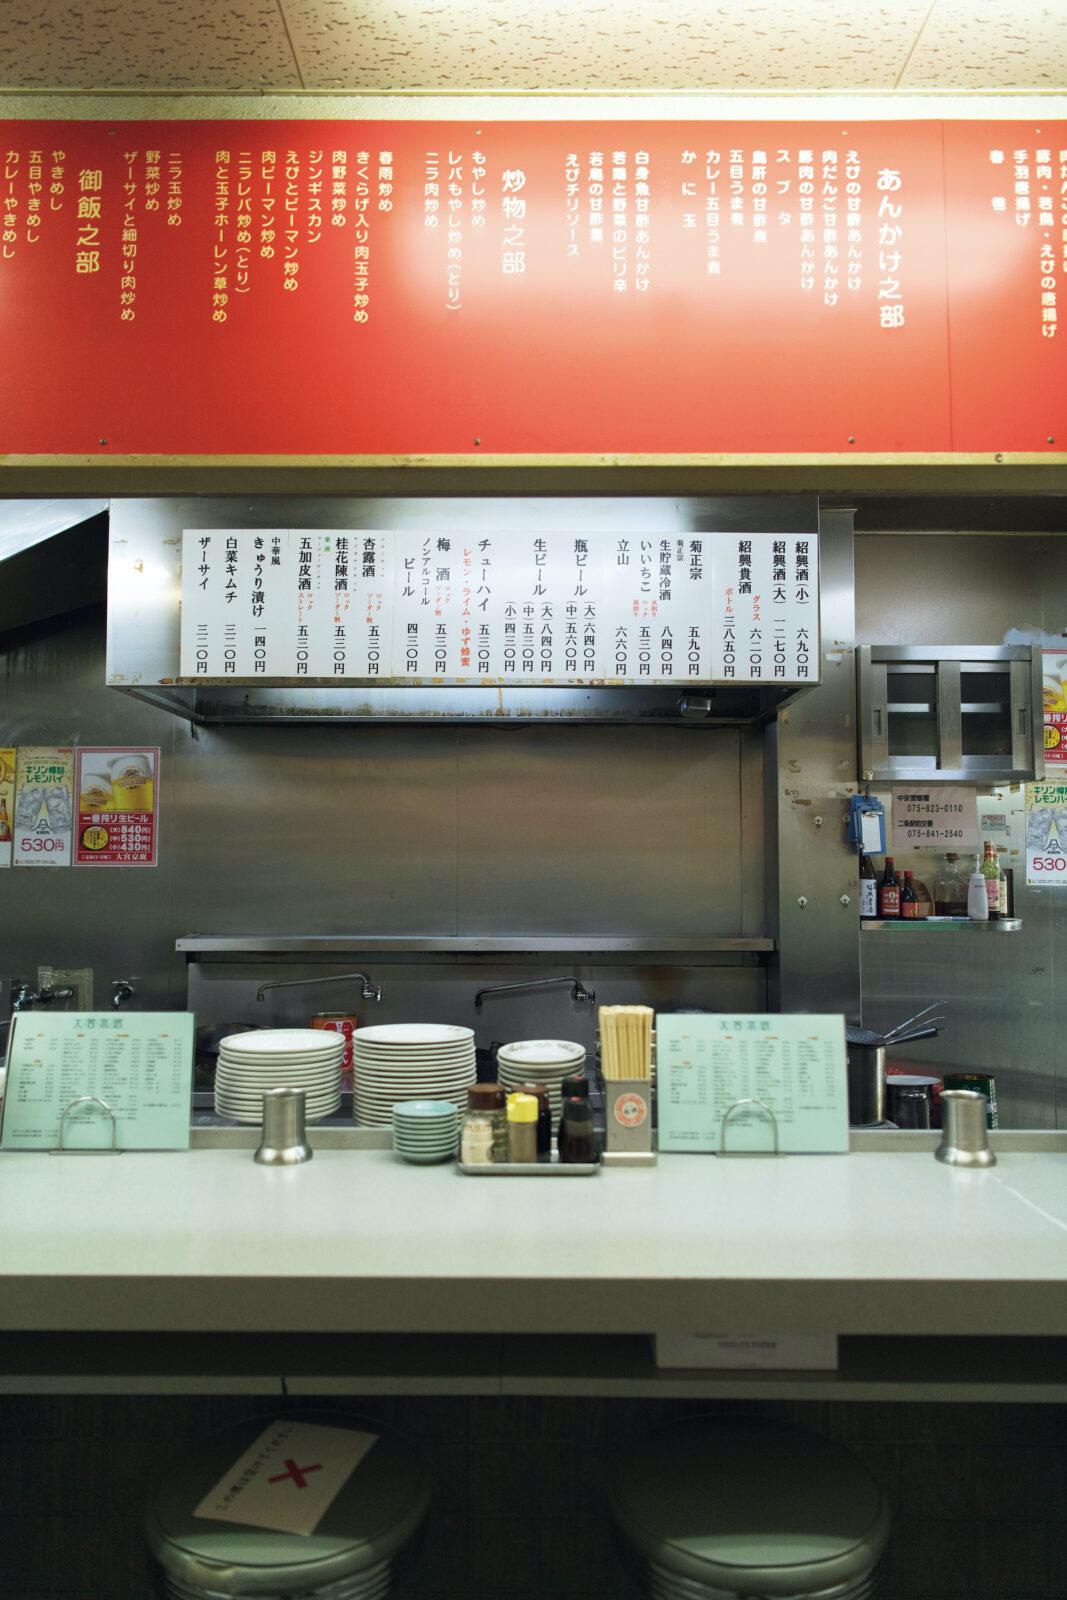 カレーラーメン、ポパイなど町中華の定番が揃う。名物の餃子は大将の手包み。